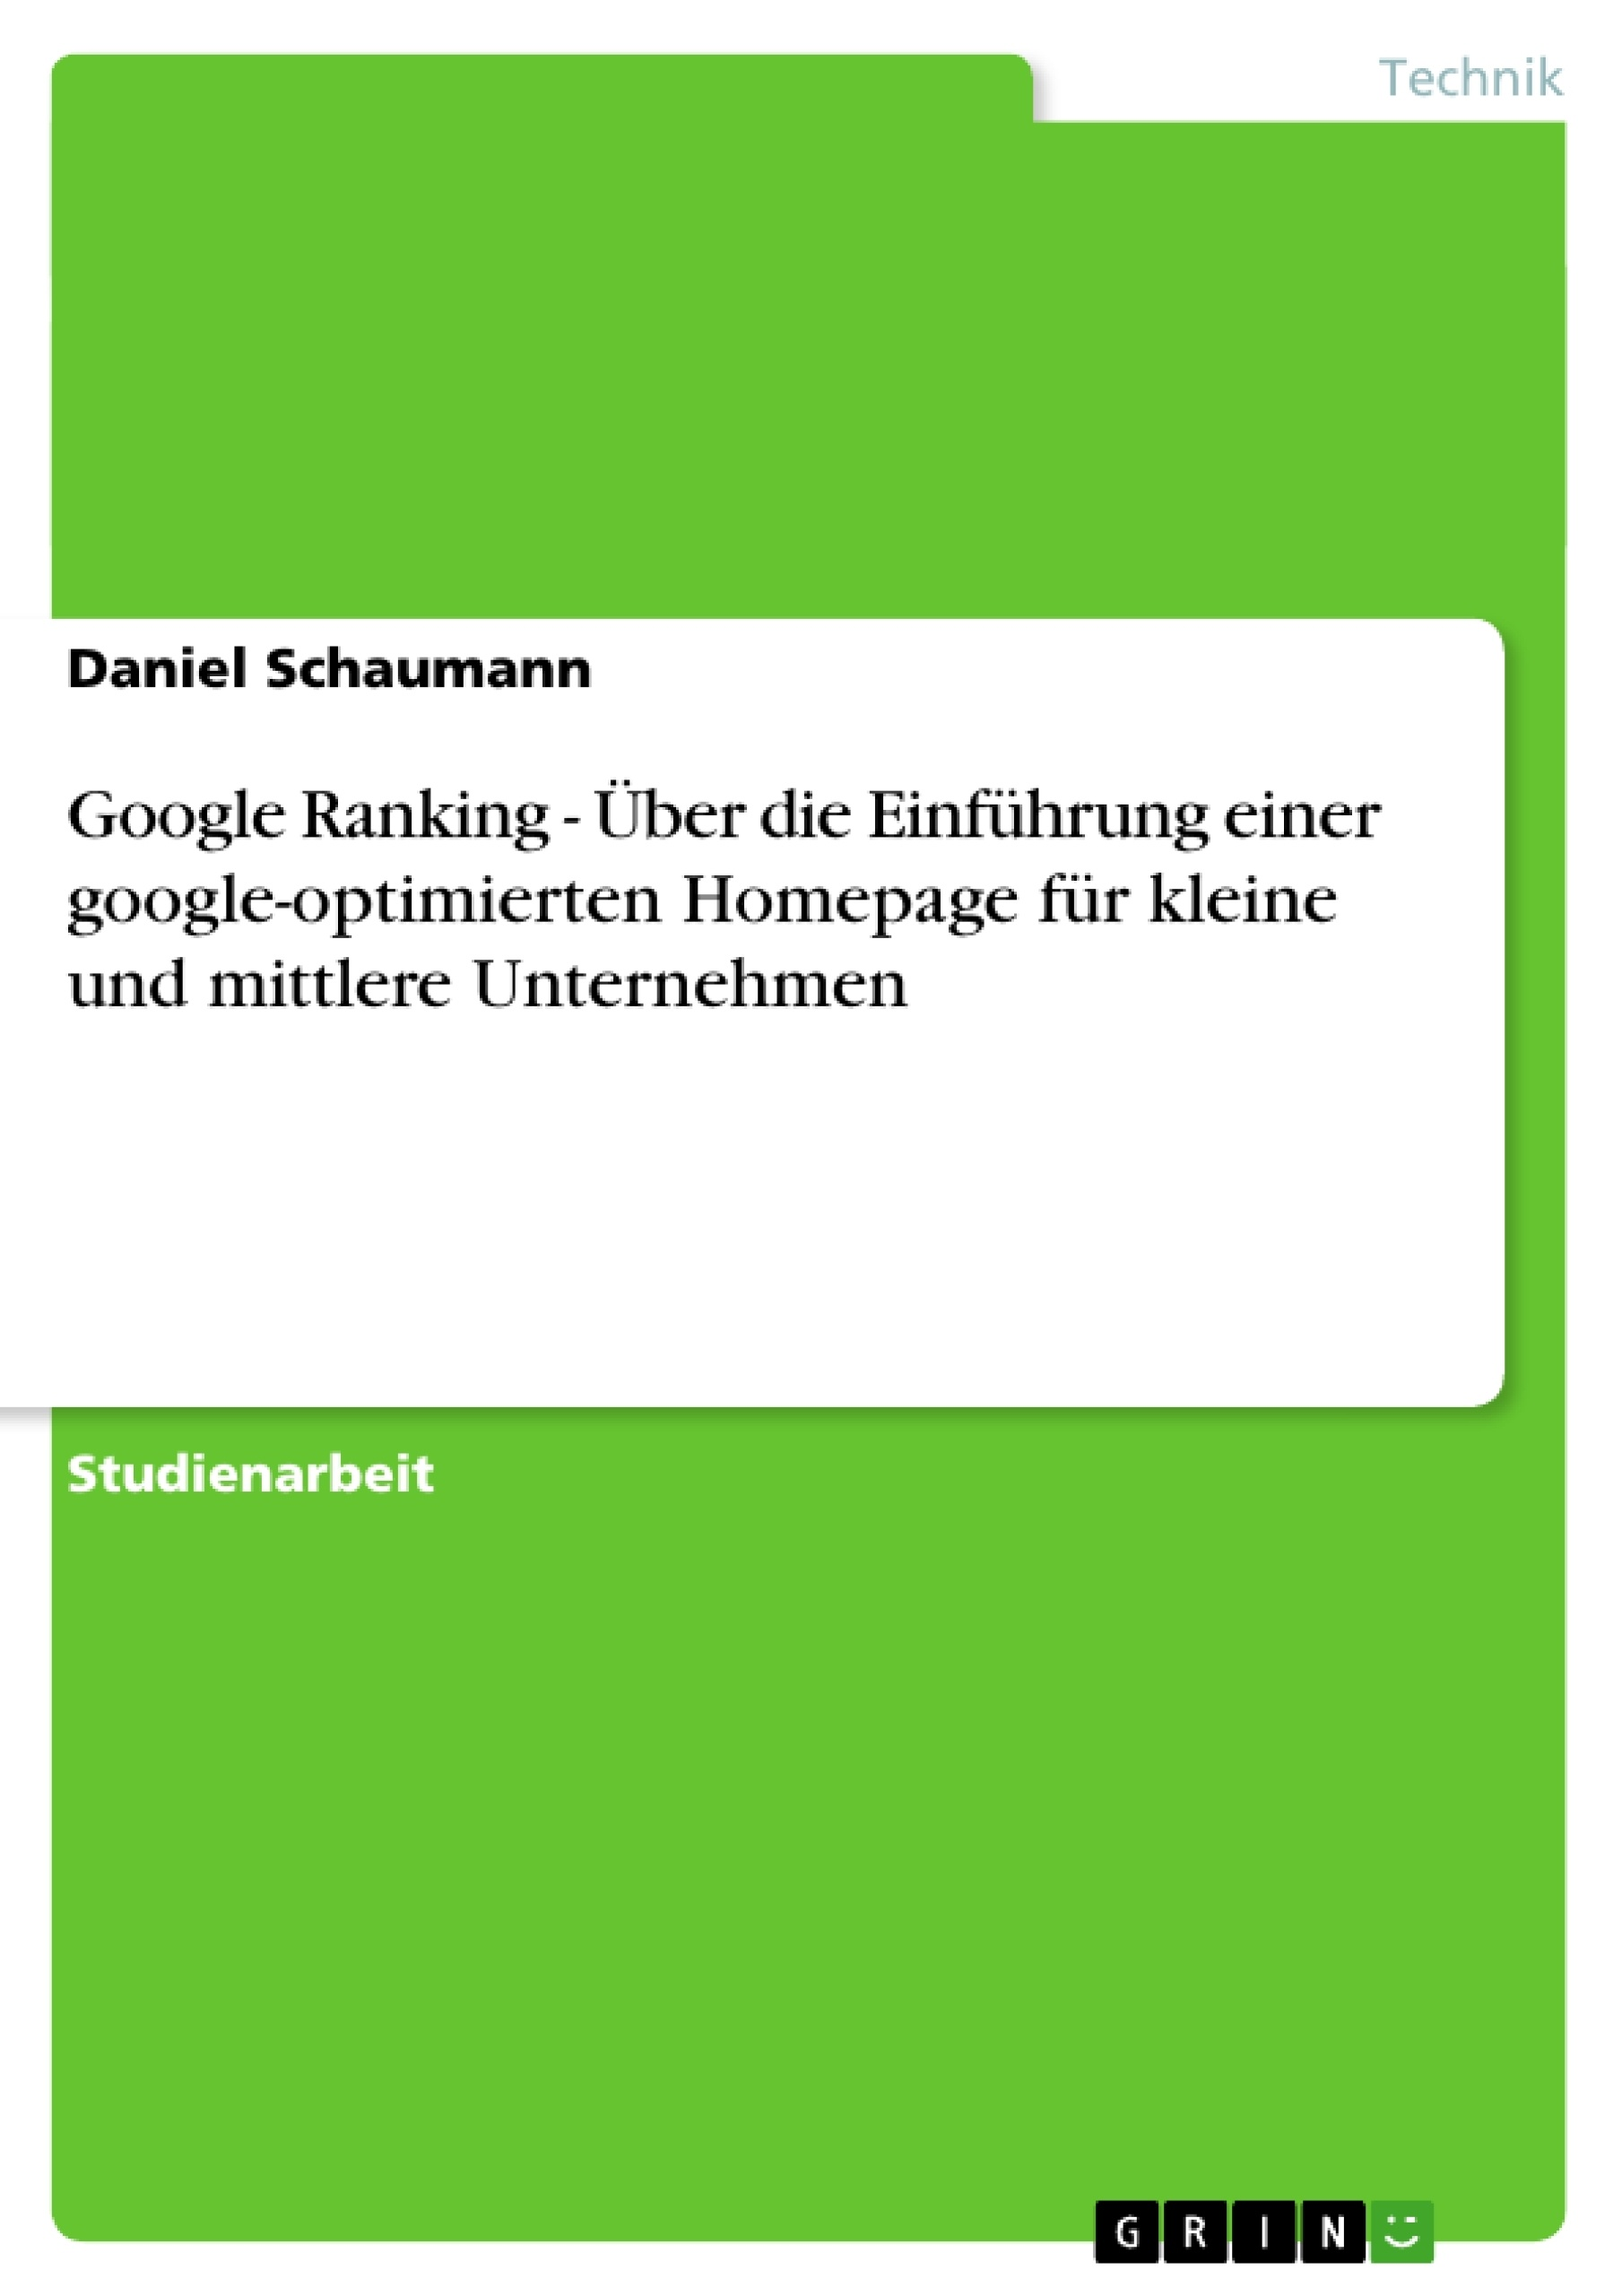 Titel: Google Ranking - Über die Einführung einer google-optimierten Homepage für kleine und mittlere Unternehmen